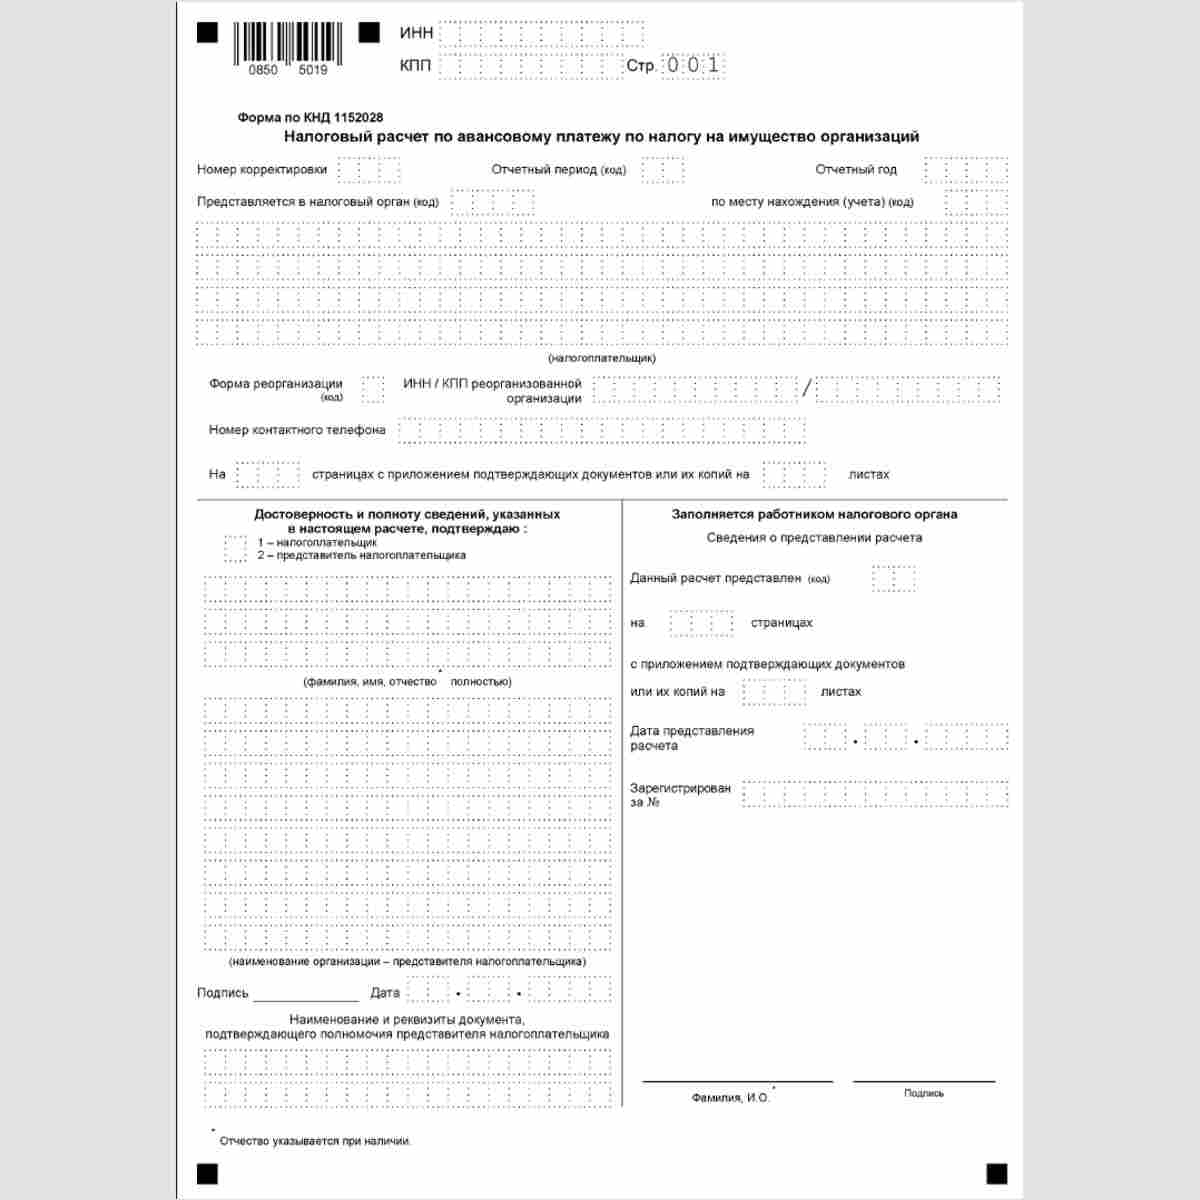 """Форма КНД 1152028 """"Налоговый расчет по авансовому платежу по налогу на имущество организаций"""". Титульный лист"""